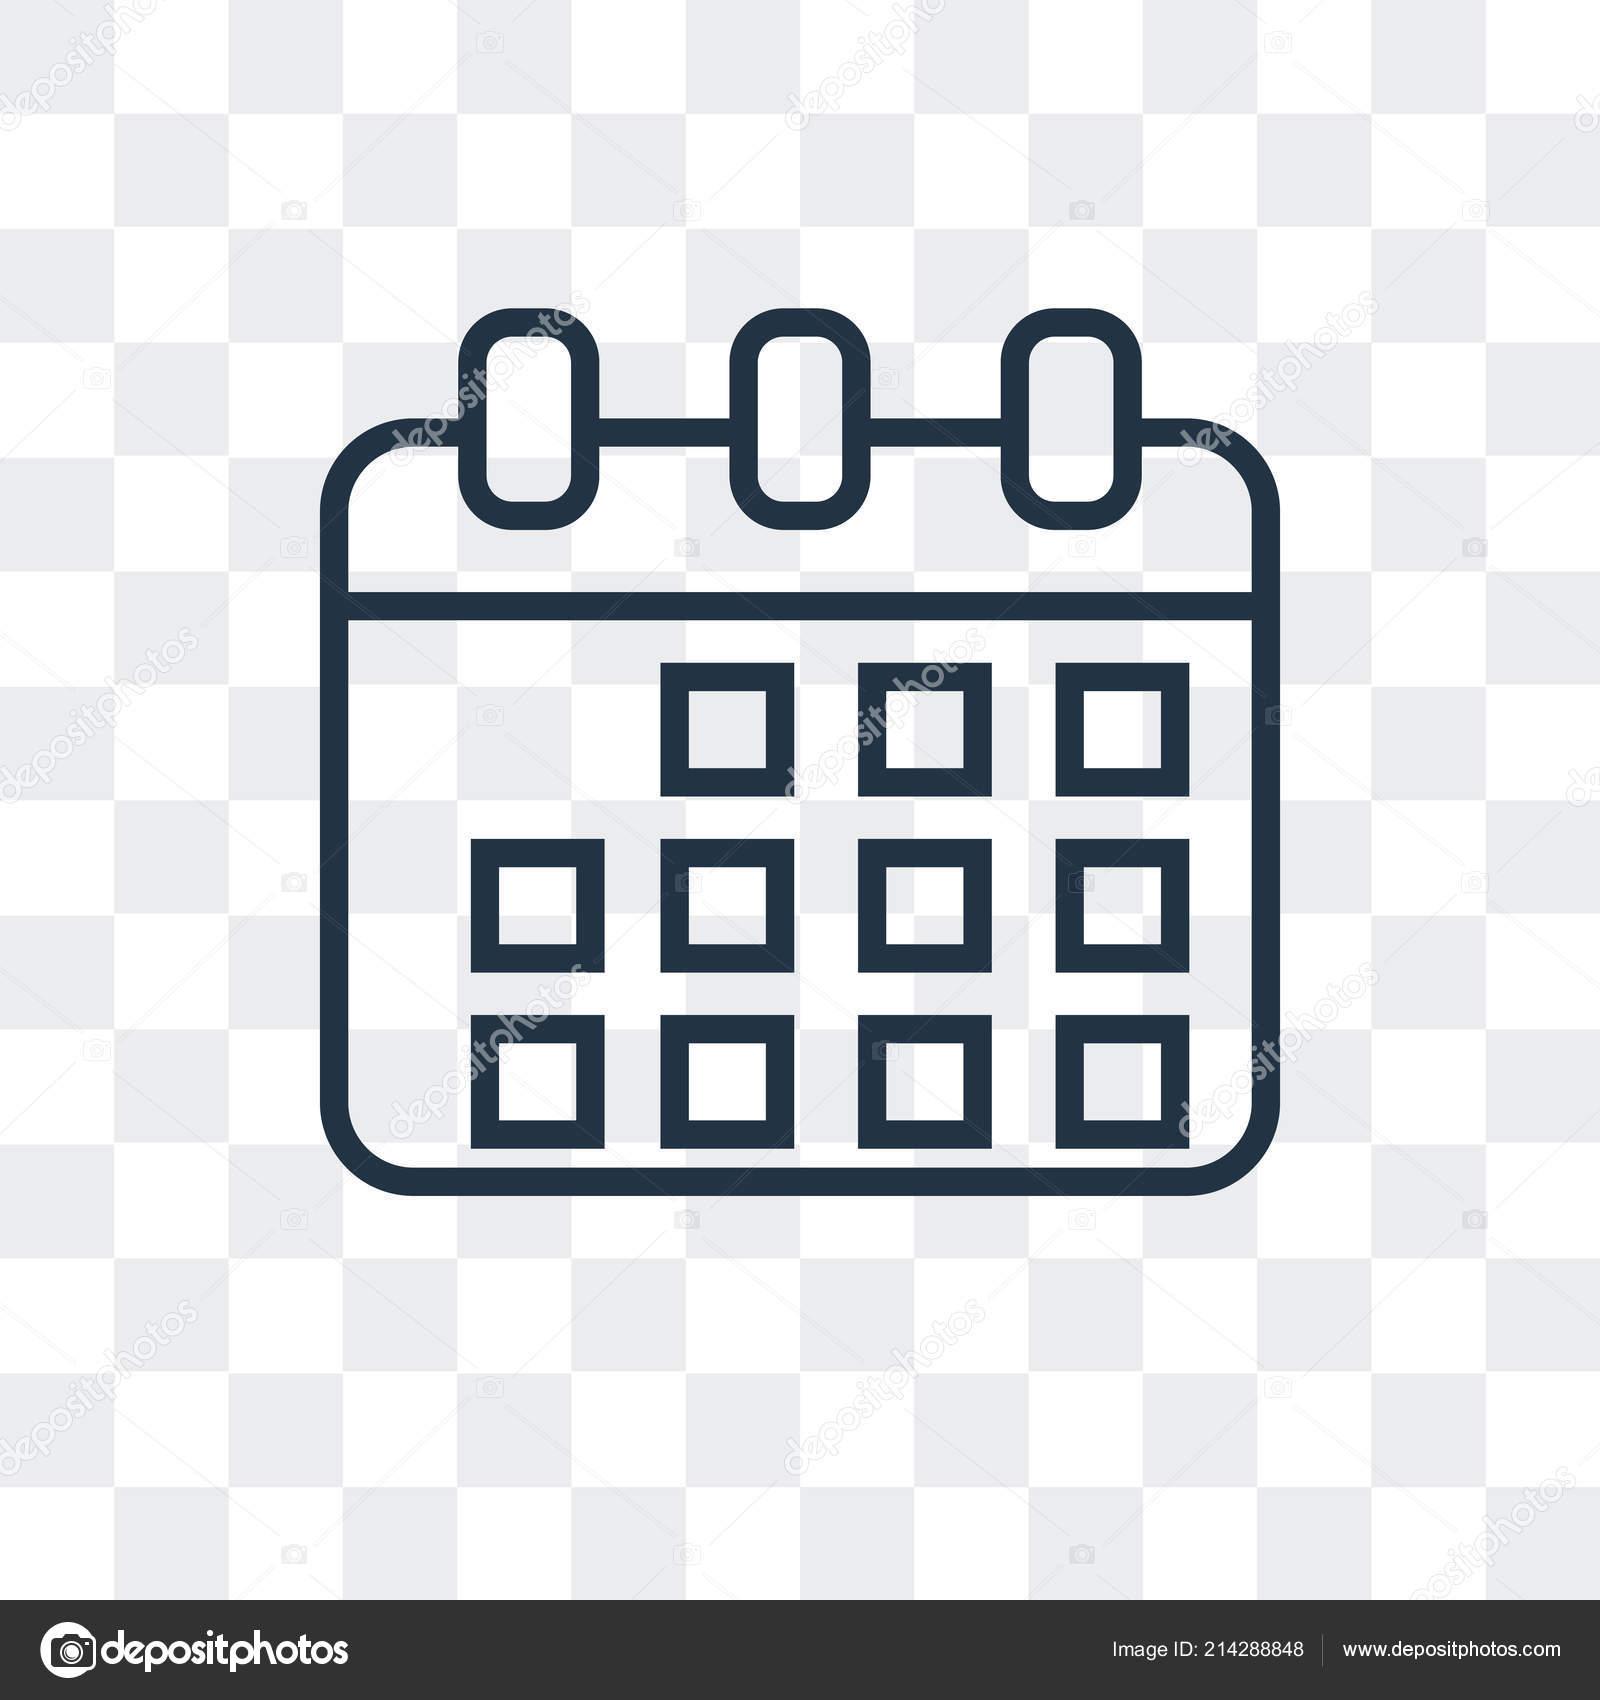 Icône calendrier vecteur isolé sur fond transparent.